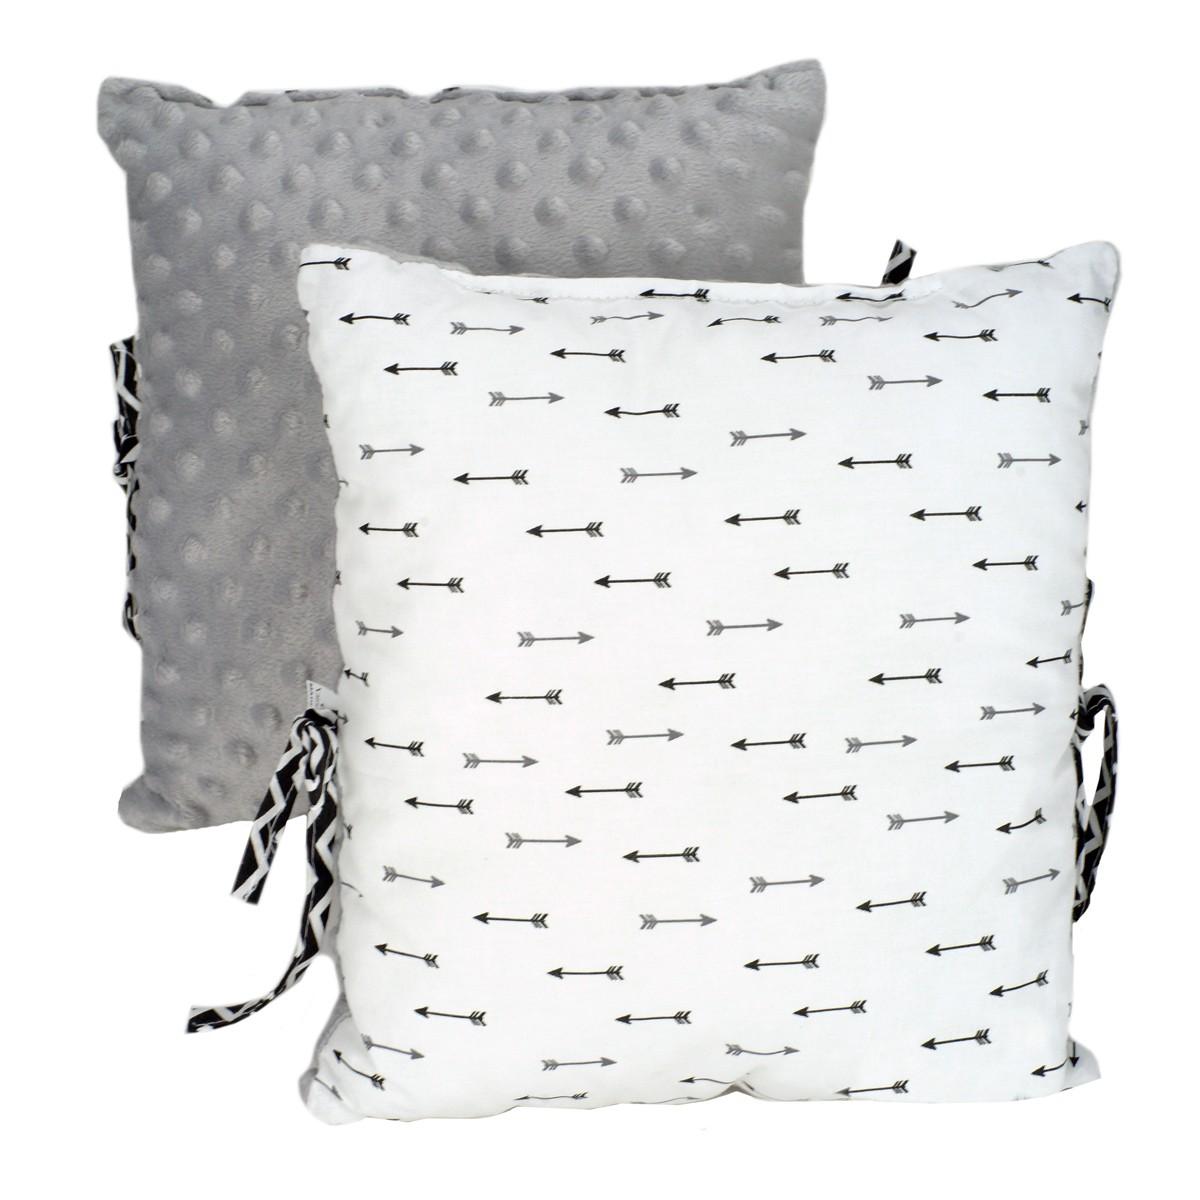 Προστατευτικό Μαξιλάρι Κούνιας Ninna Nanna Indian Racoon Βελάκια home   βρεφικά   διακοσμητικά μαξιλάρια